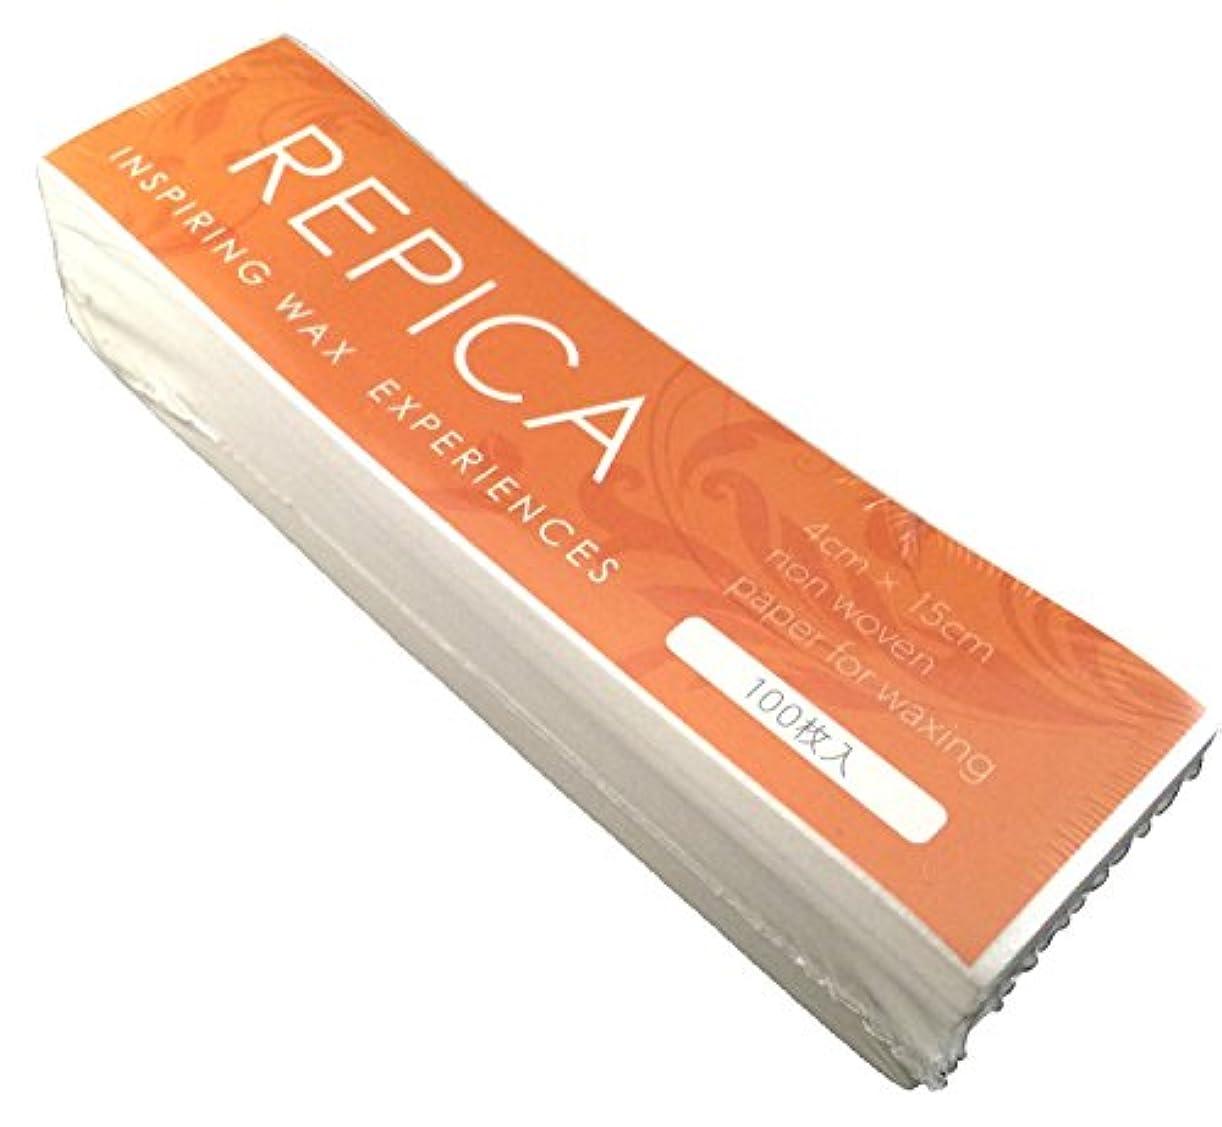 類人猿コンピューター倍率REPICA ブラジリアンワックス脱毛 カットペーパー Sサイズ100枚入り×5個セット ワックス脱毛 ワックスシート ストリップシート